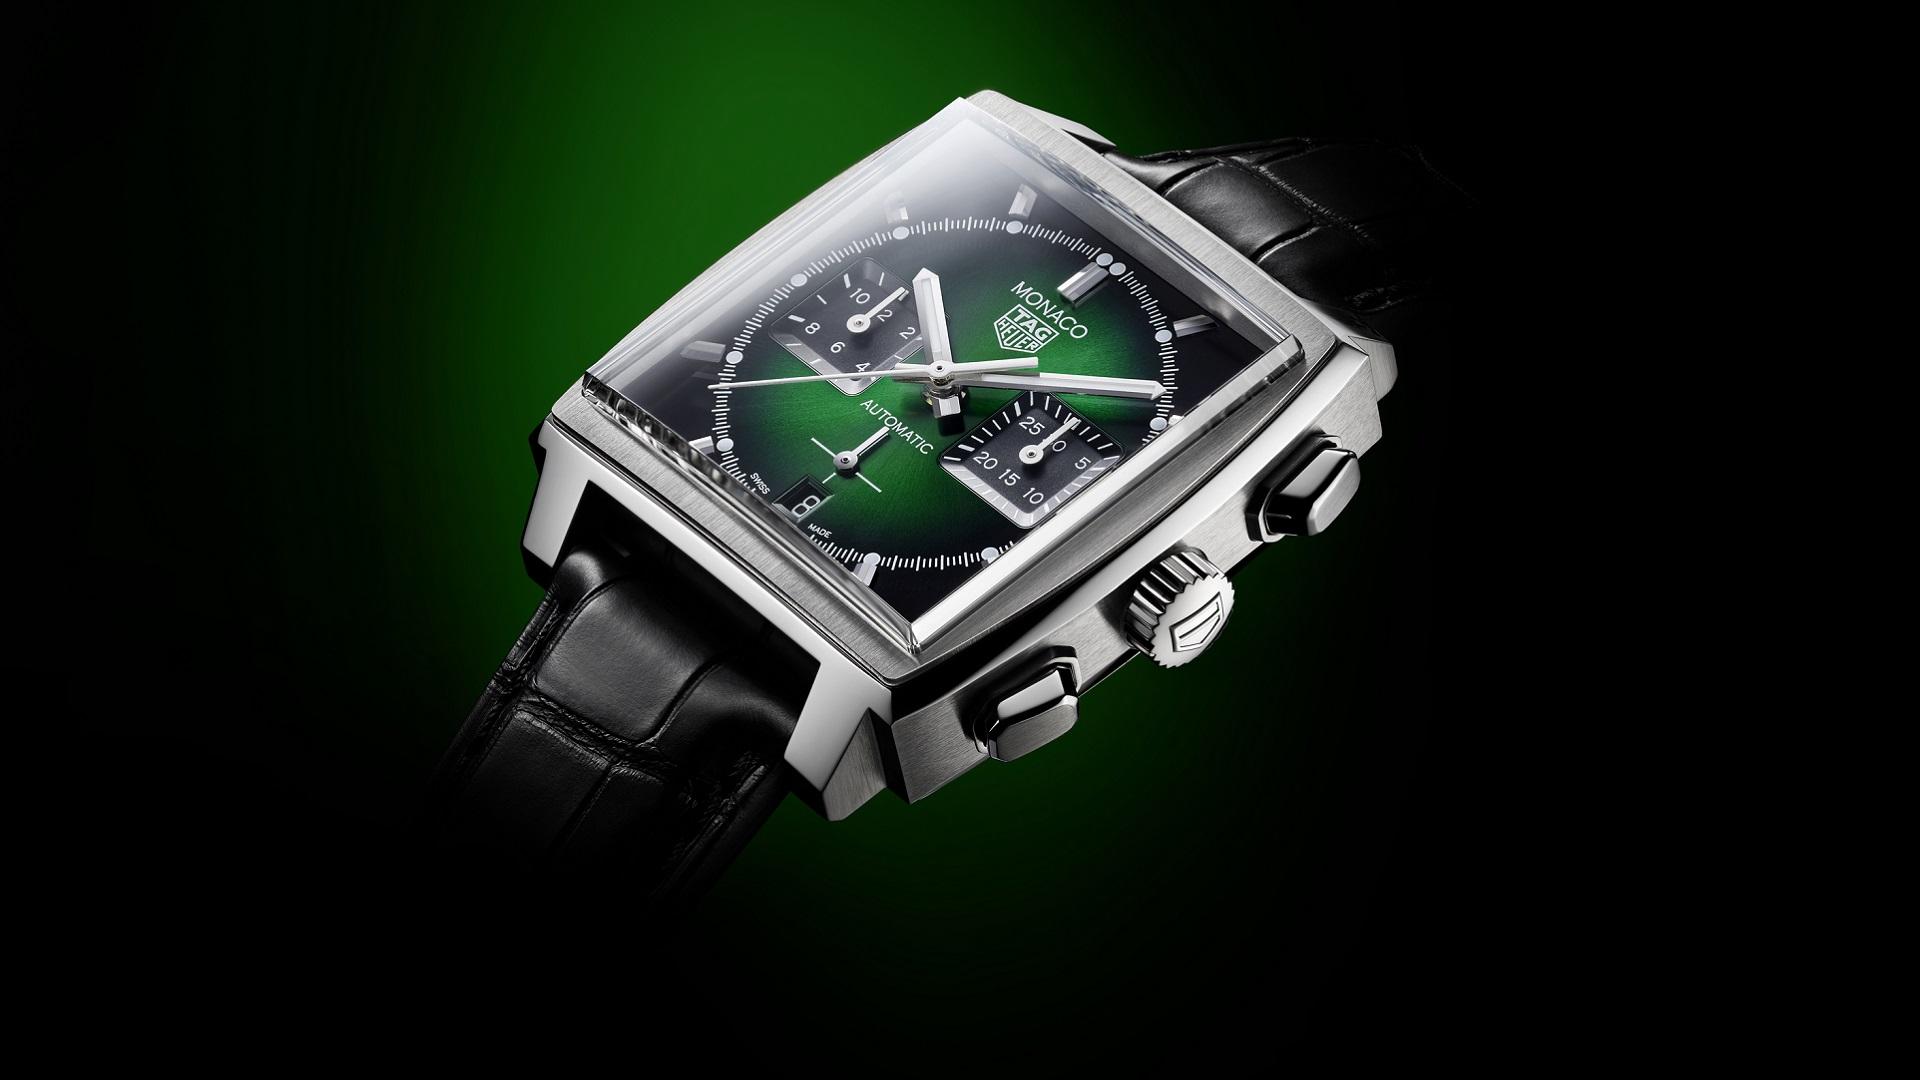 Tag Heuer presenta el nuevo reloj Monaco Green Dial